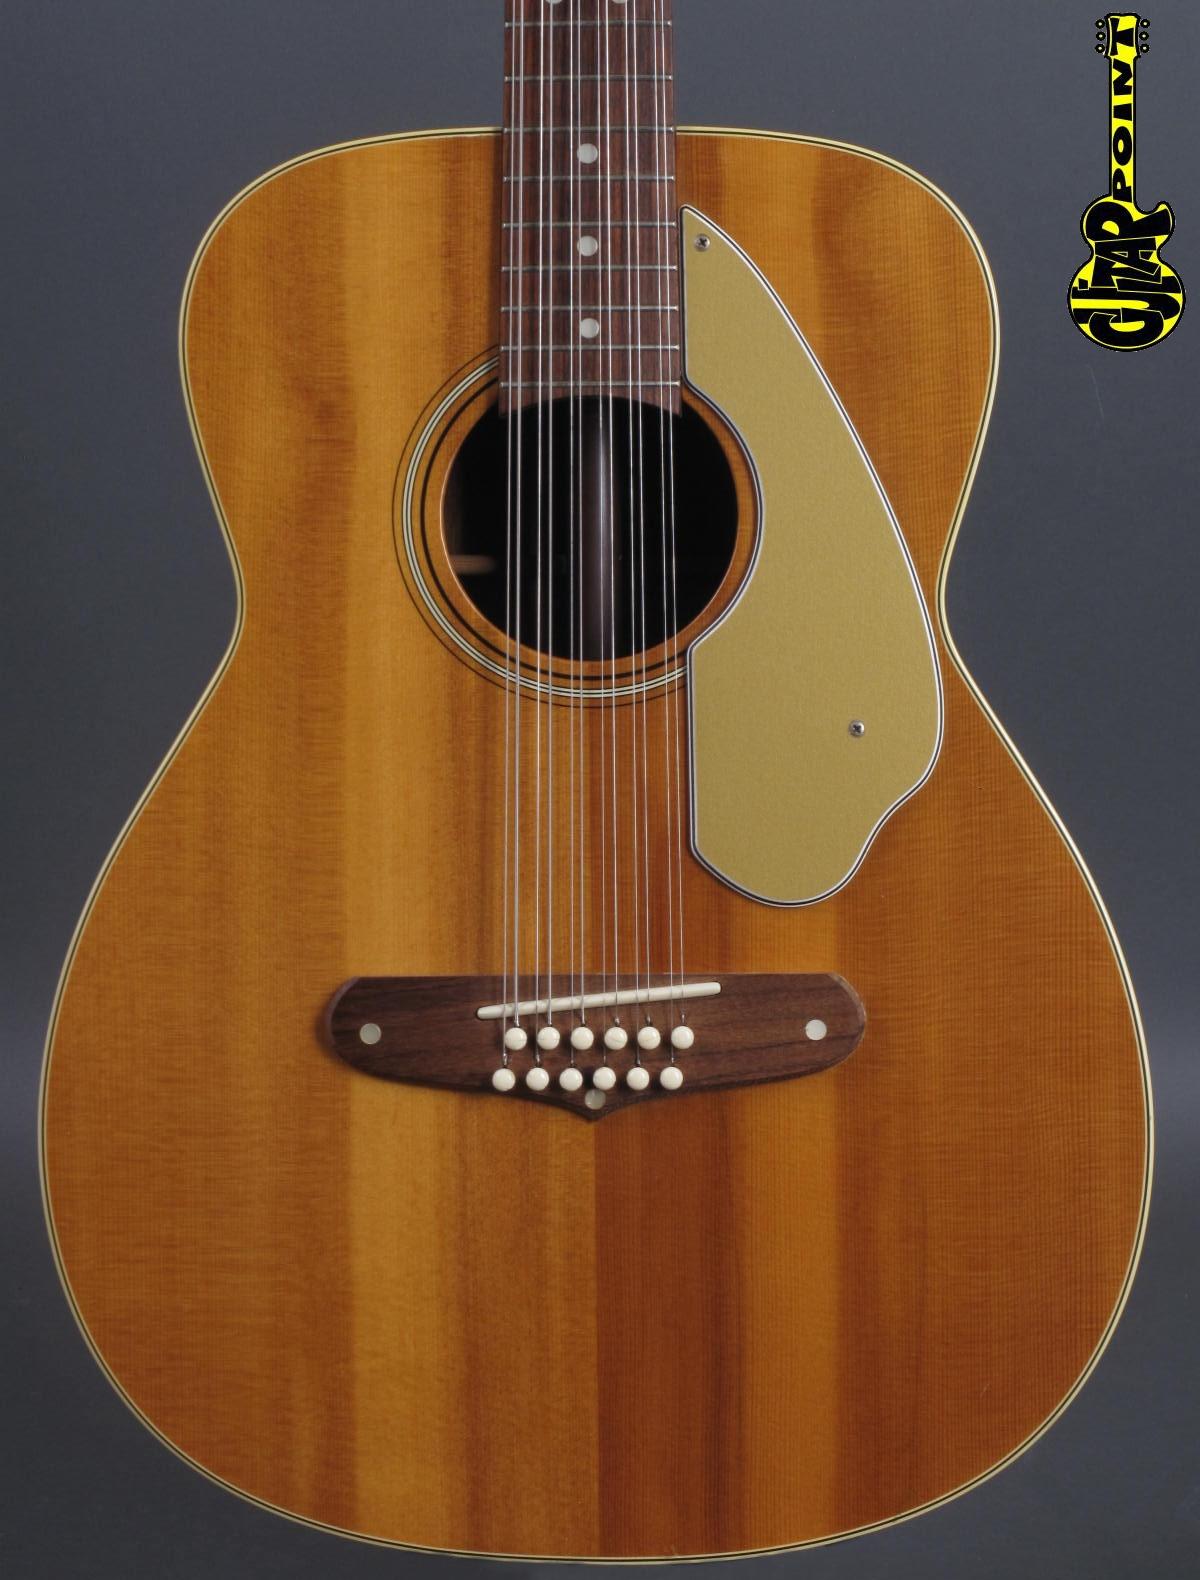 1966 Fender Villager 12-string Acoustic - Natural